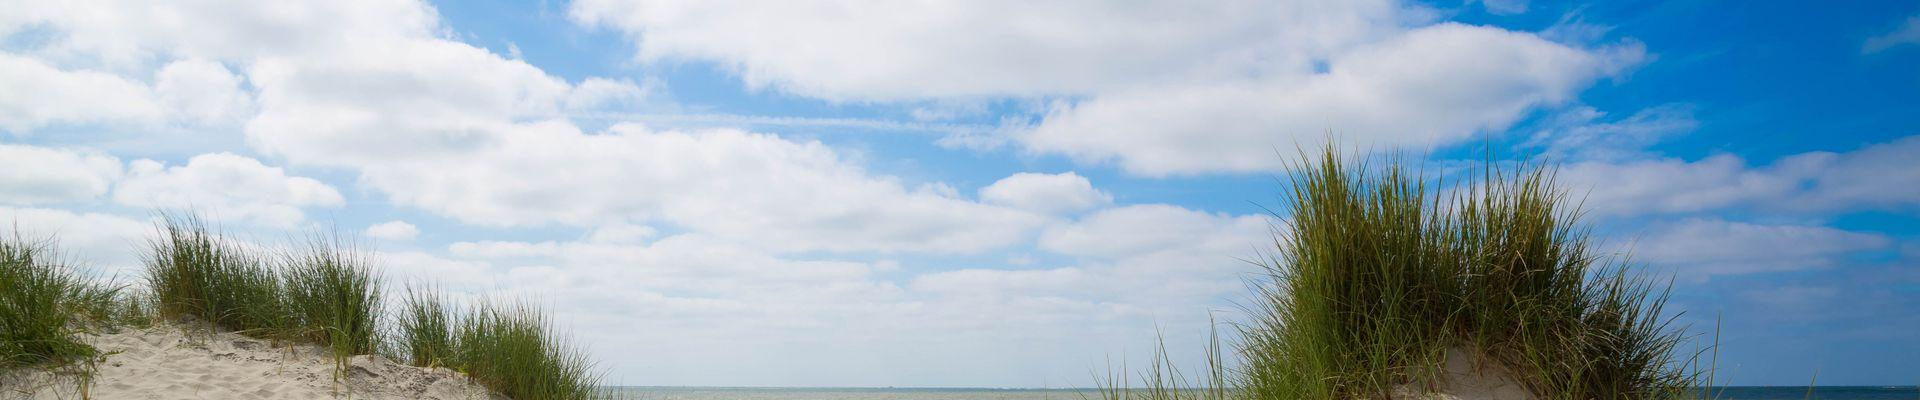 Kurzurlaub auf Norderney